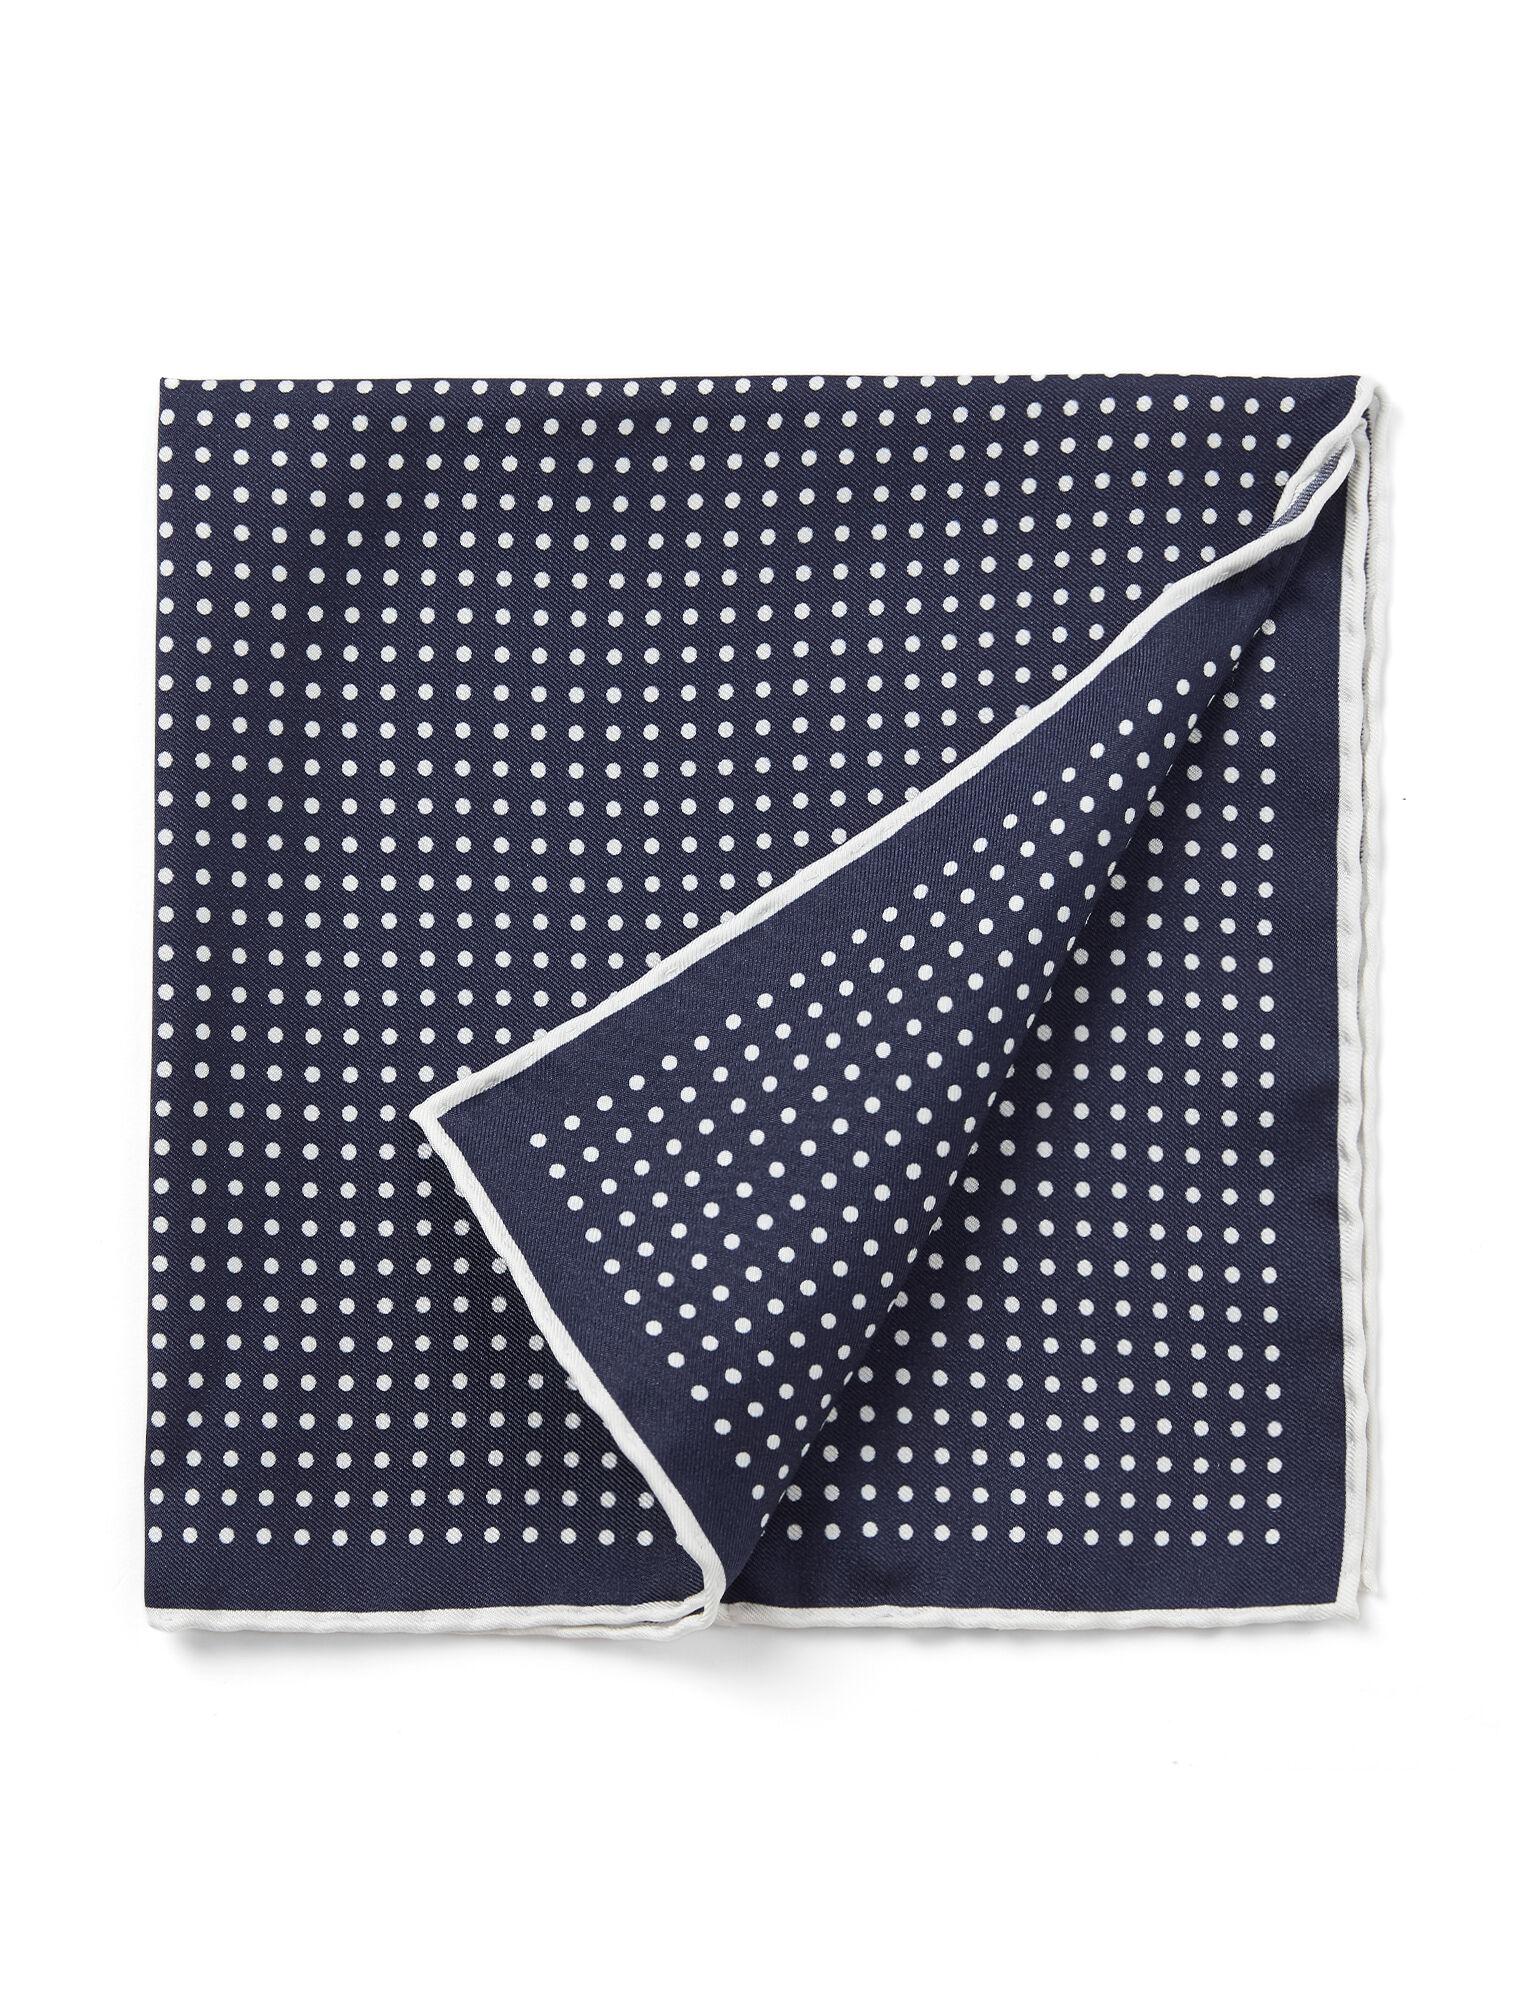 Joseph, Silk Dots Pocket Square, in NAVY